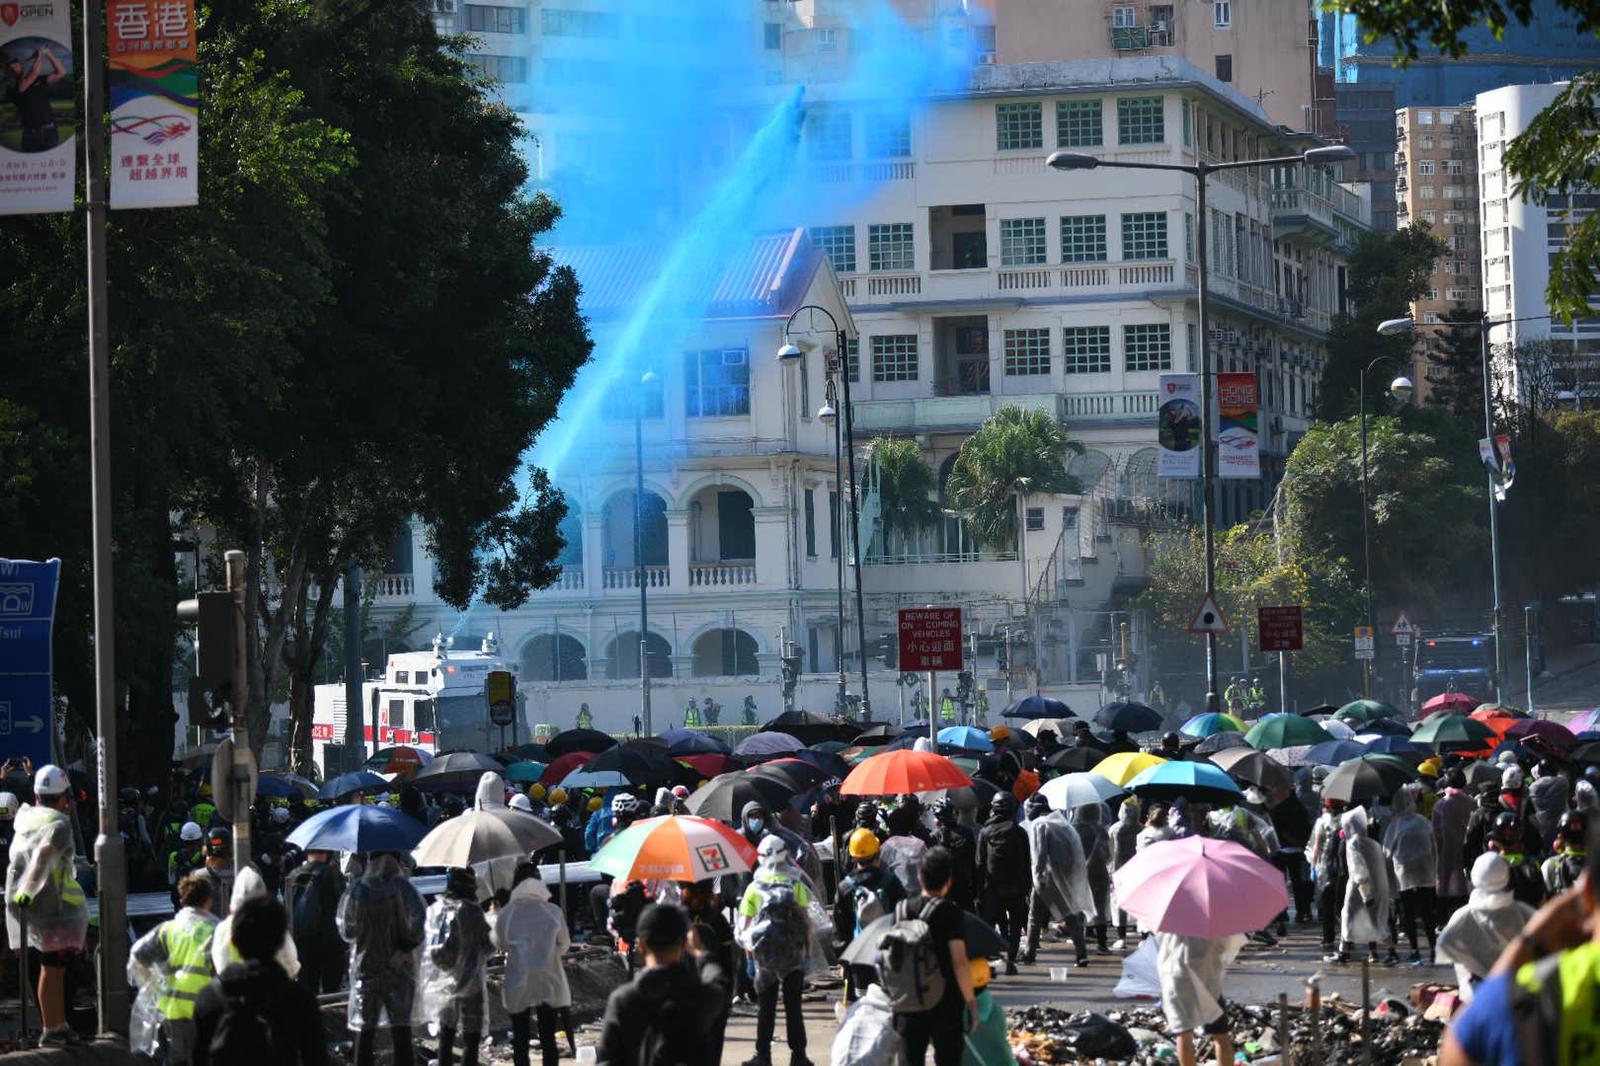 水炮車射出藍色水驅散。